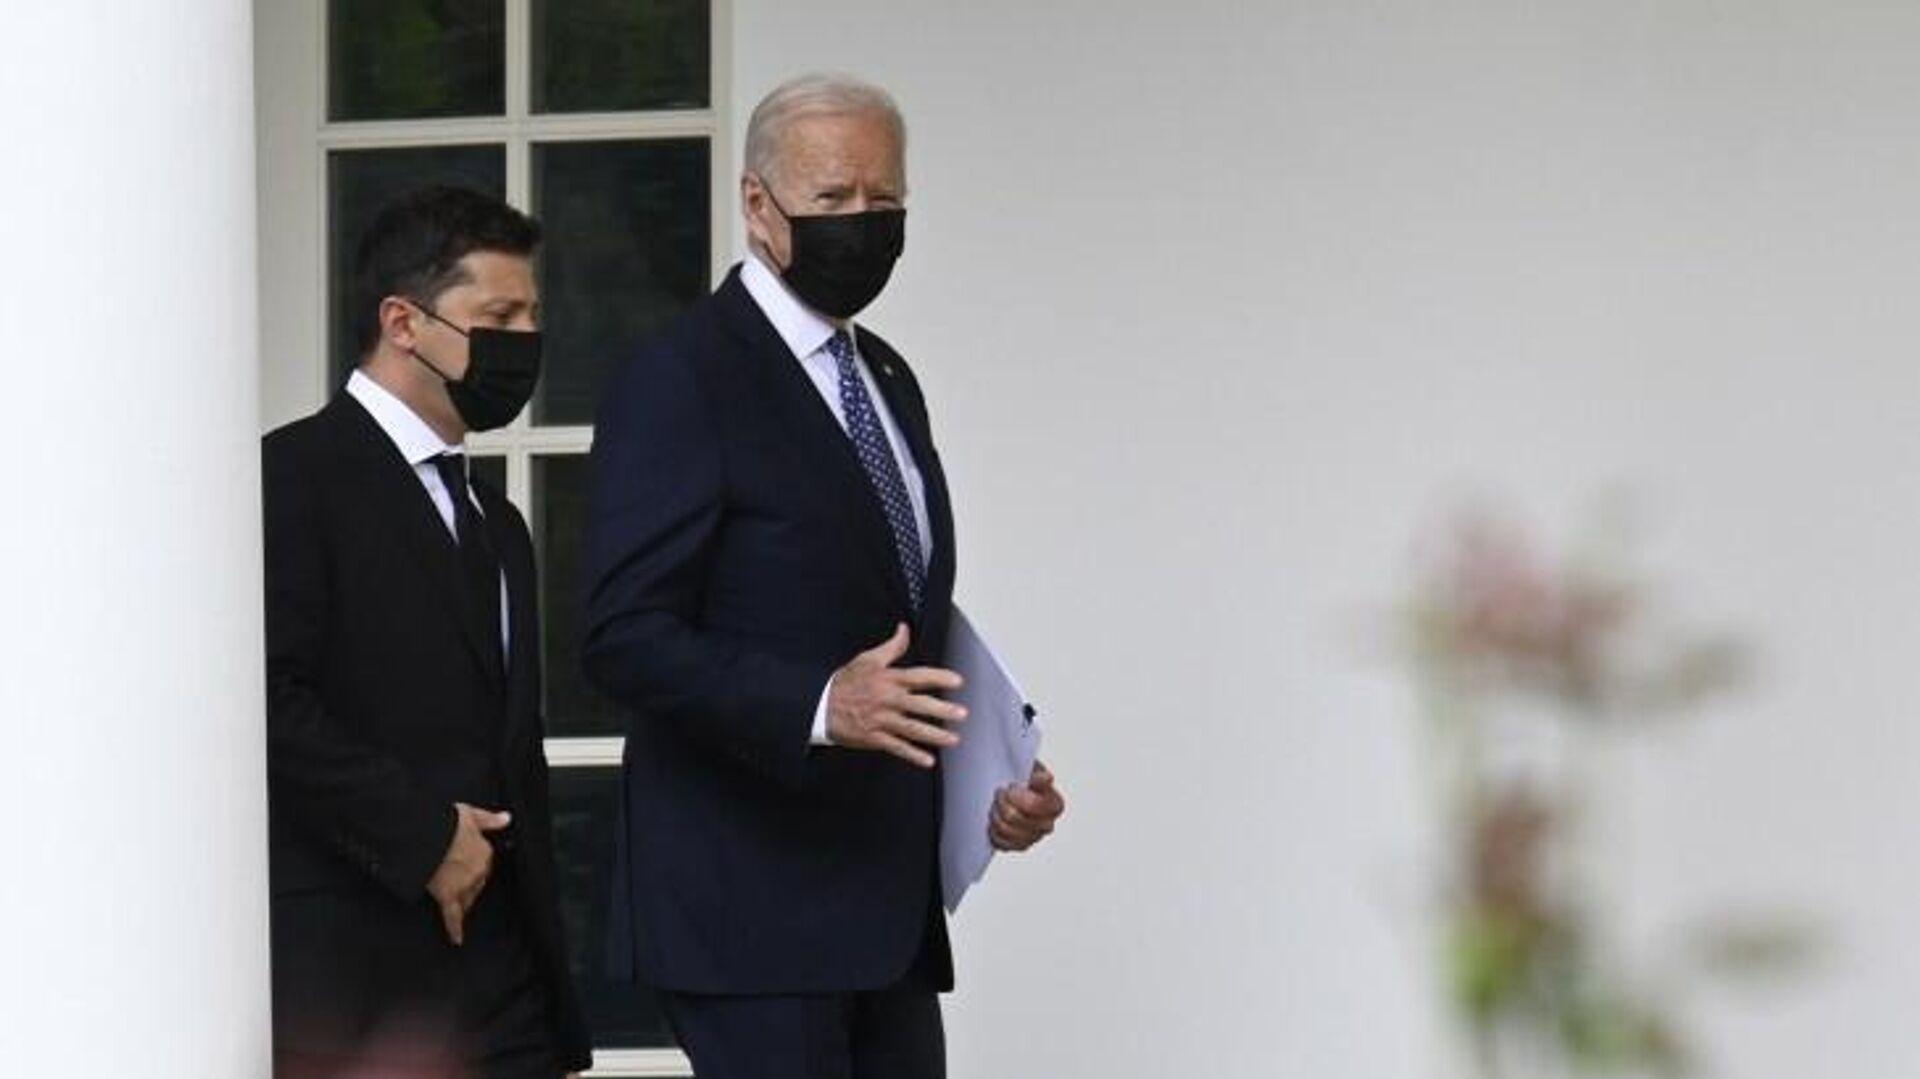 Президент Украины Владимир Зеленский и президент США Джо Байден во время встречи в Белом доме - РИА Новости, 1920, 03.09.2021